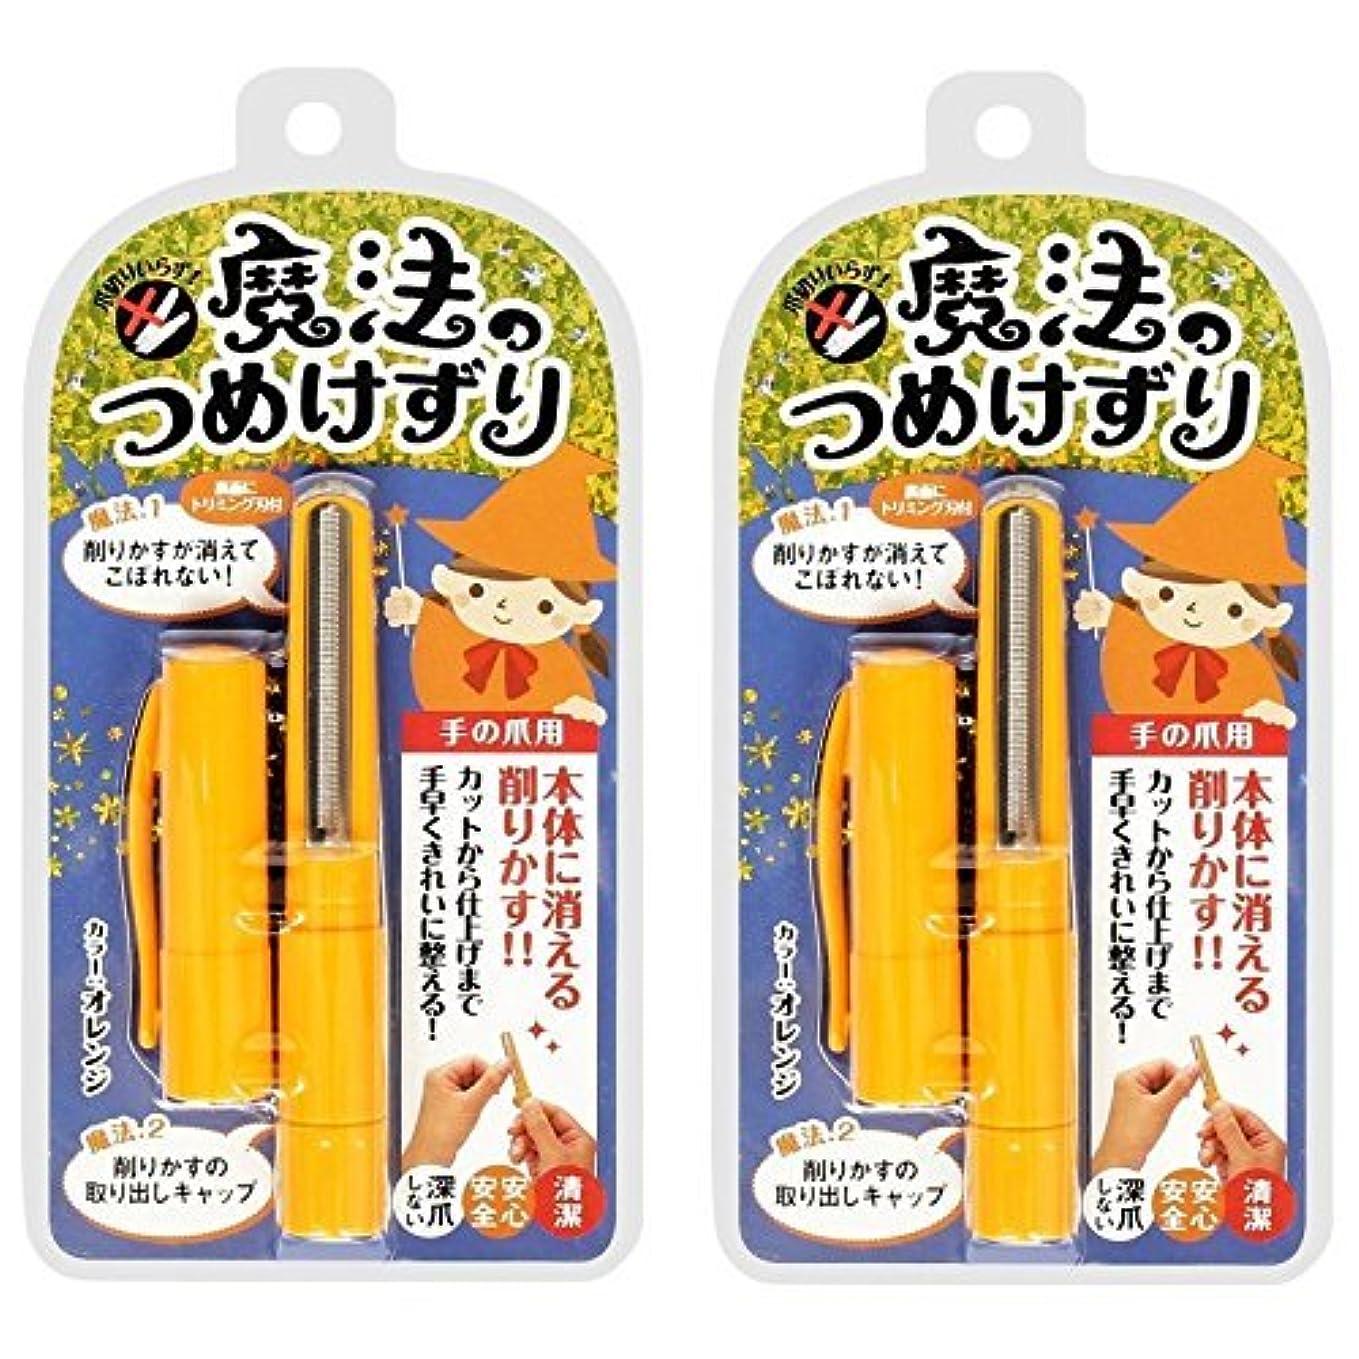 正気石膏スナップ【セット品】松本金型 魔法のつめけずり MM-090 オレンジ ×2個